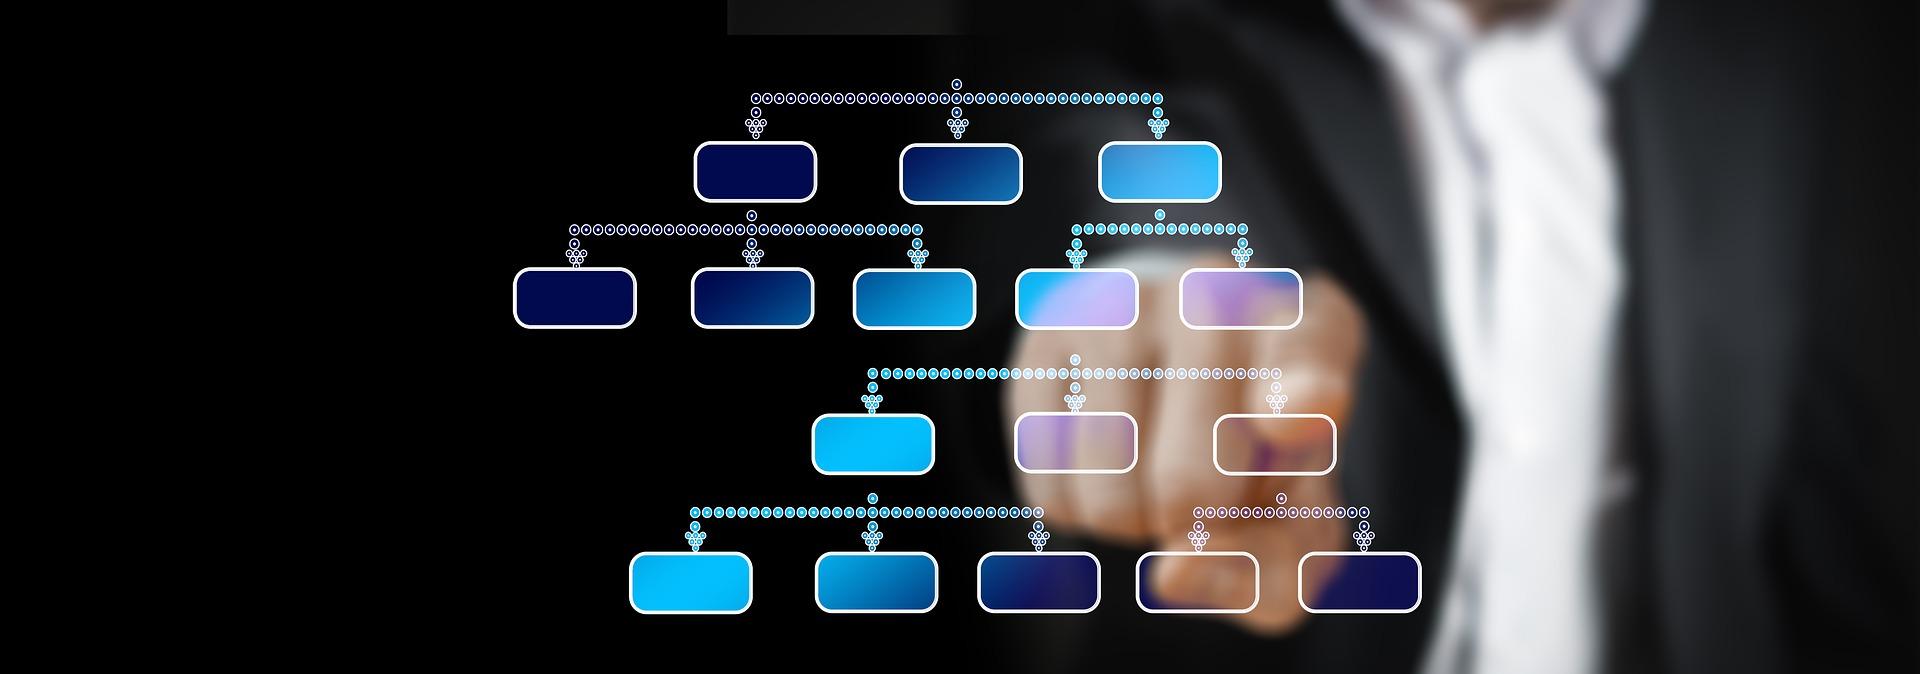 2021_2s_MOOC: De l'administració en paper a l'administració digital